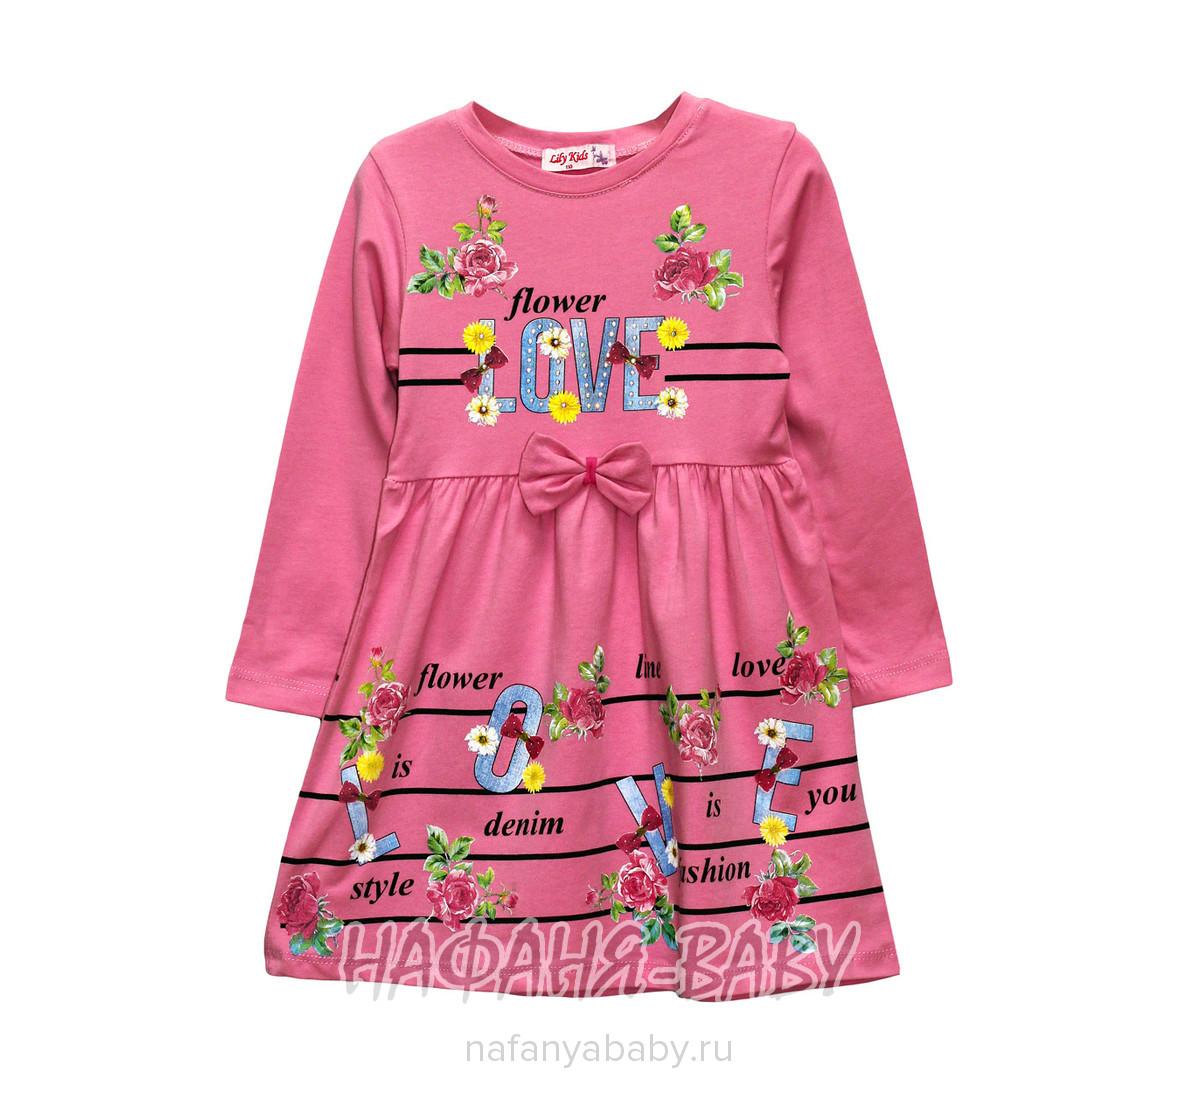 Детское платье LILI KIDS арт: 3041, 1-4 года, 5-9 лет, цвет желтый, оптом Турция